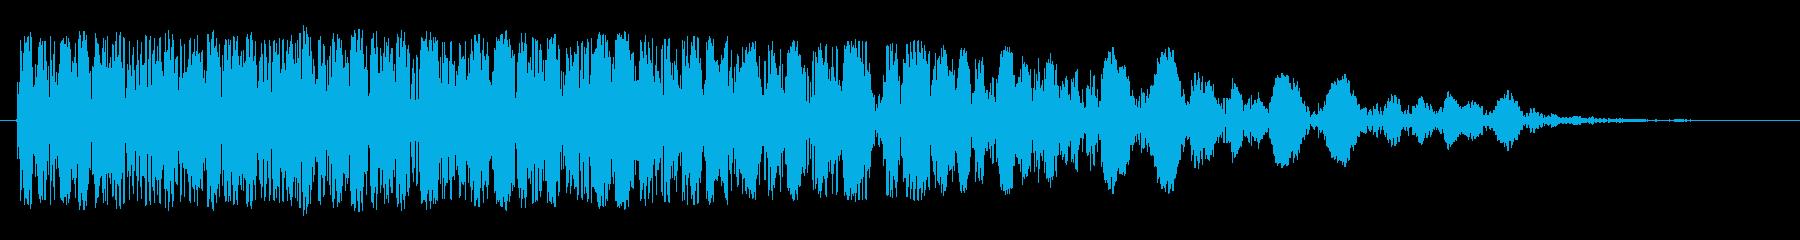 巨人が登場する時の効果音の再生済みの波形